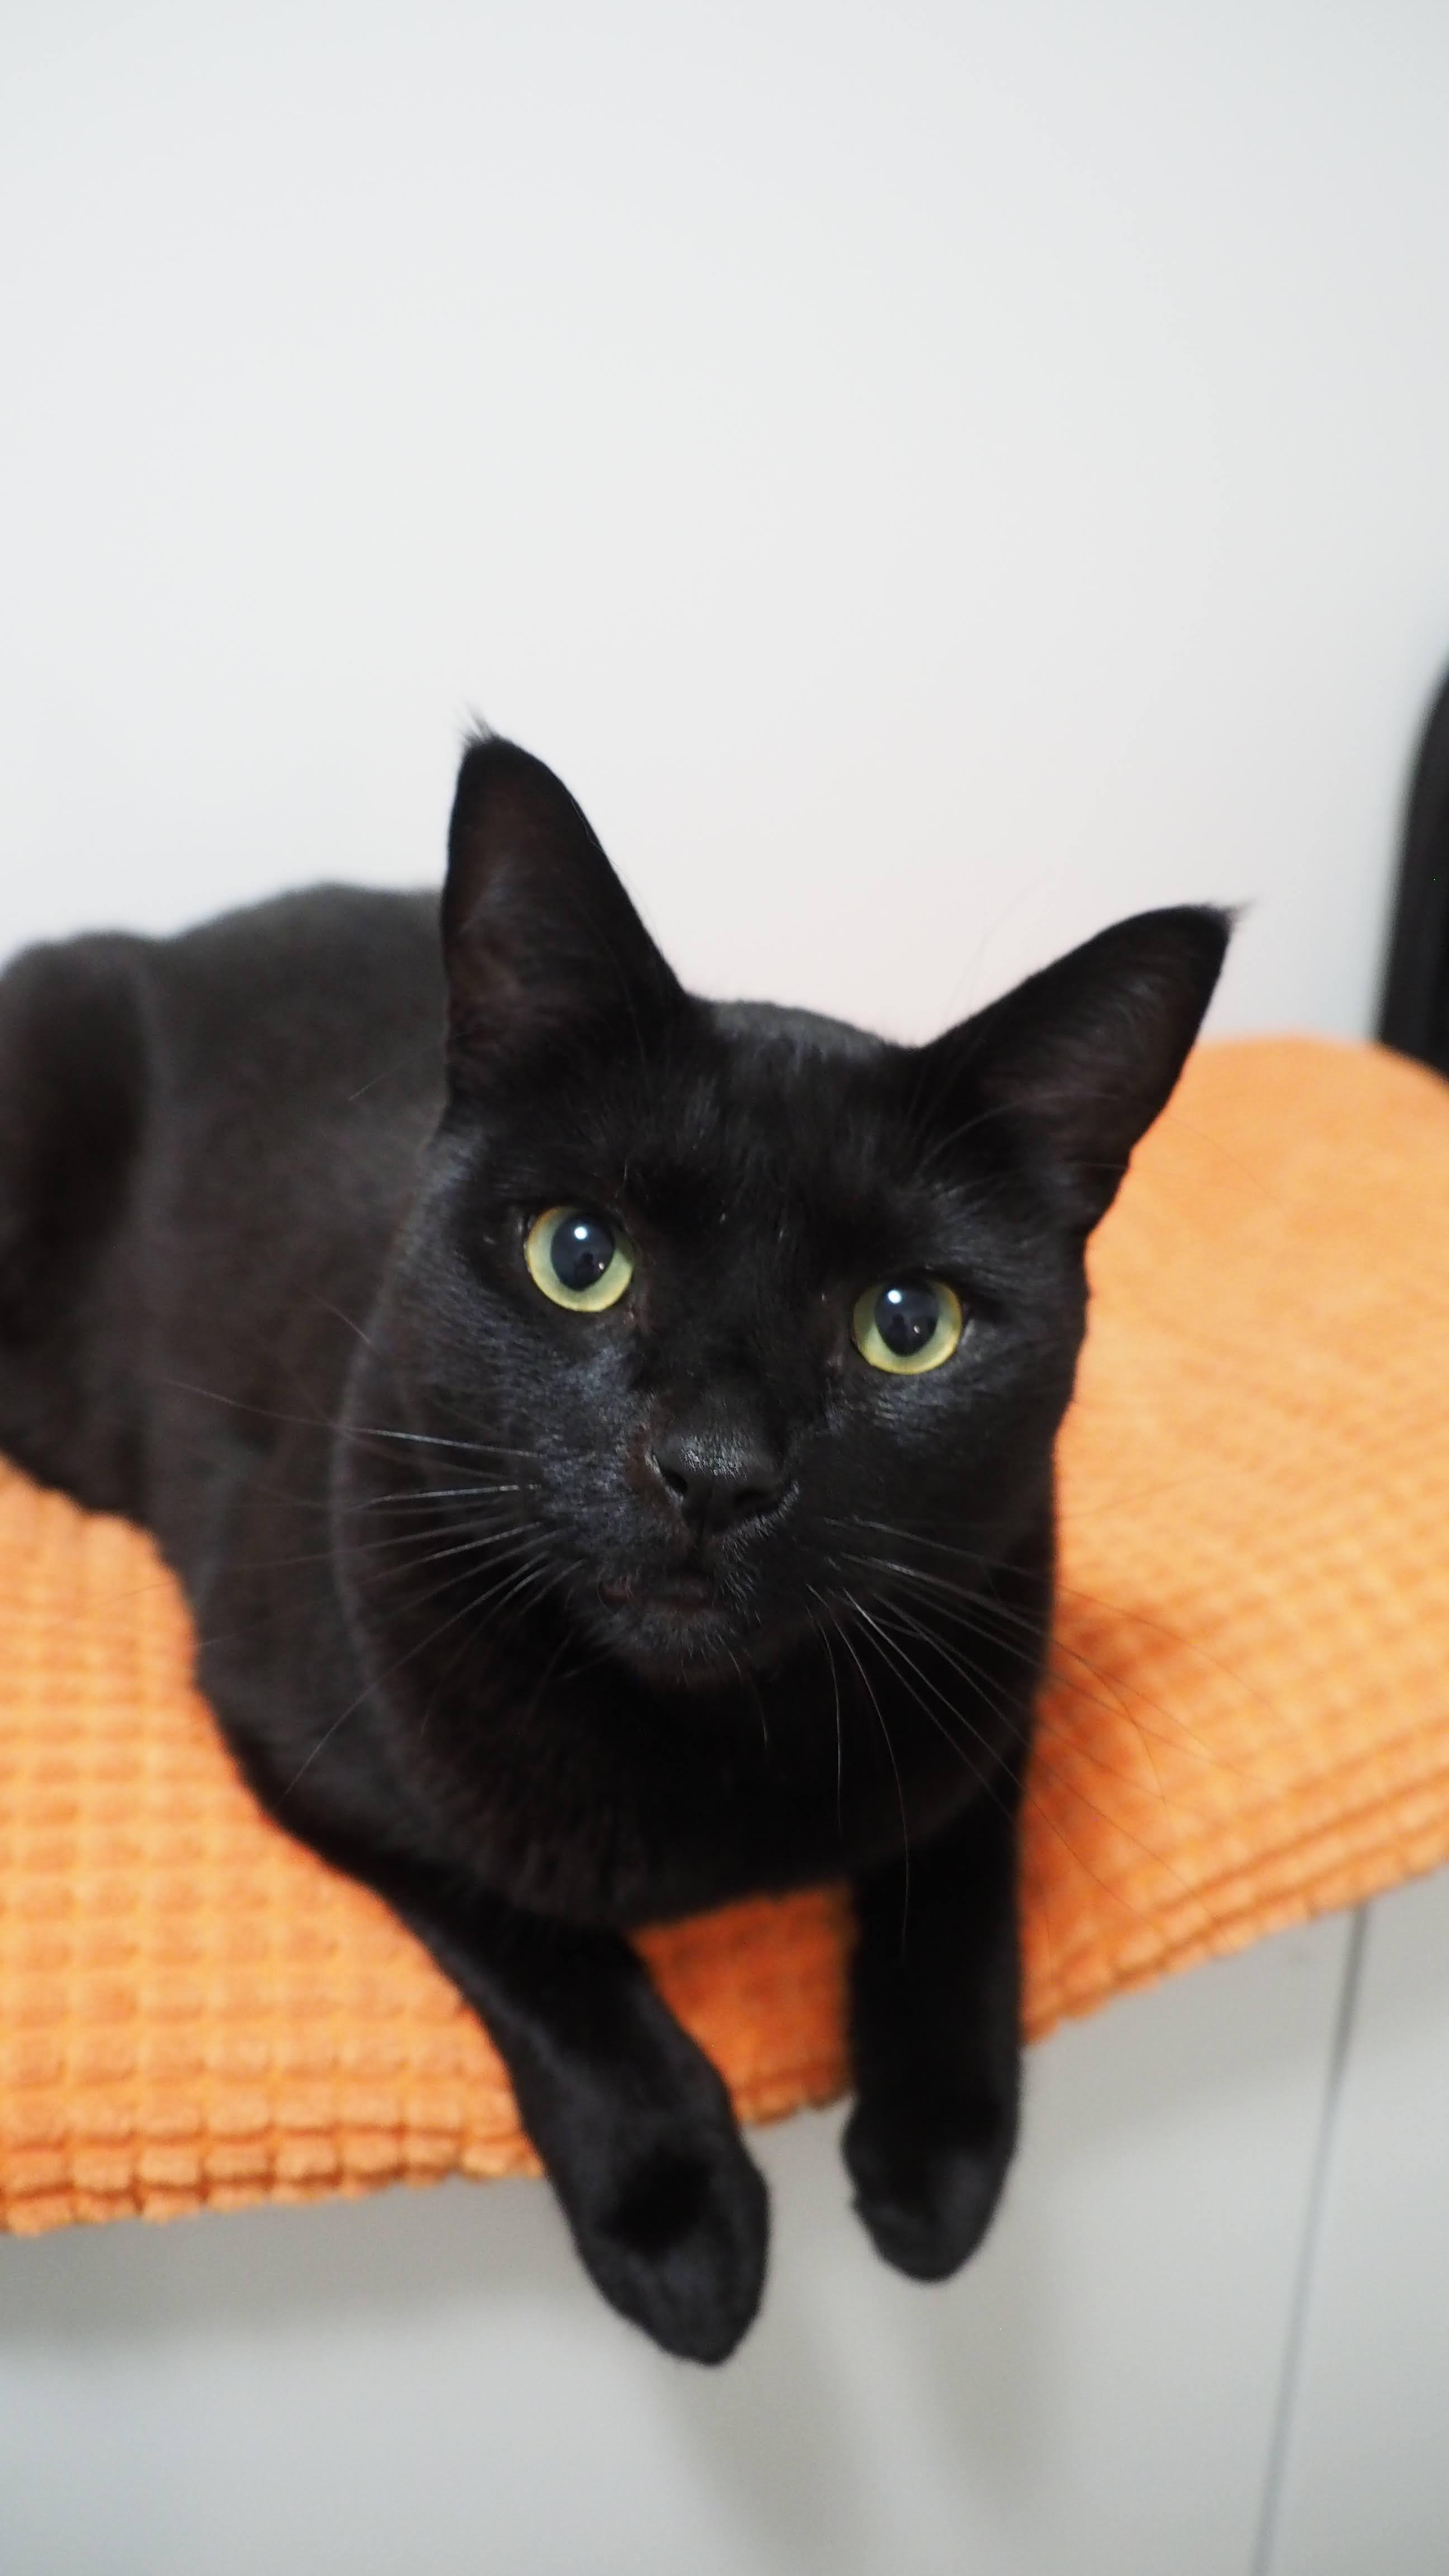 Black cat laying on an orange pillow.